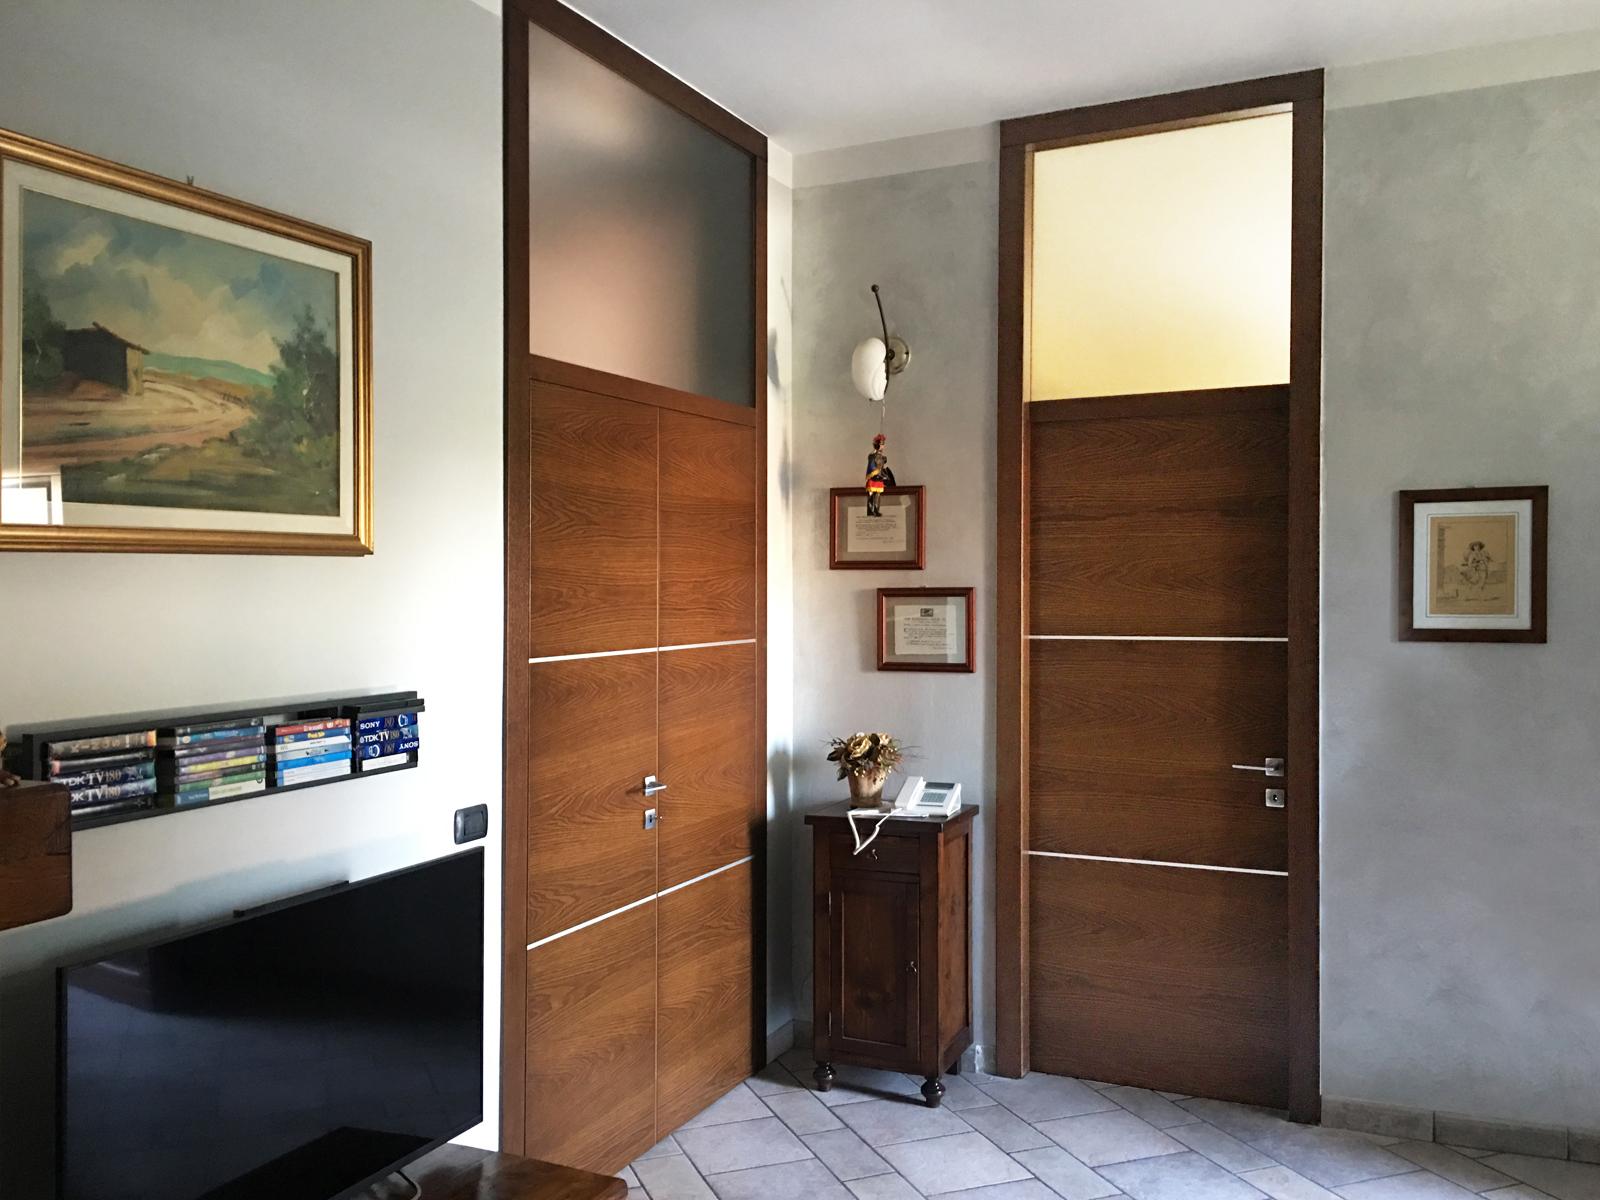 Porte interne fbp e clast qualit stile design for Quanto costano le porte interne